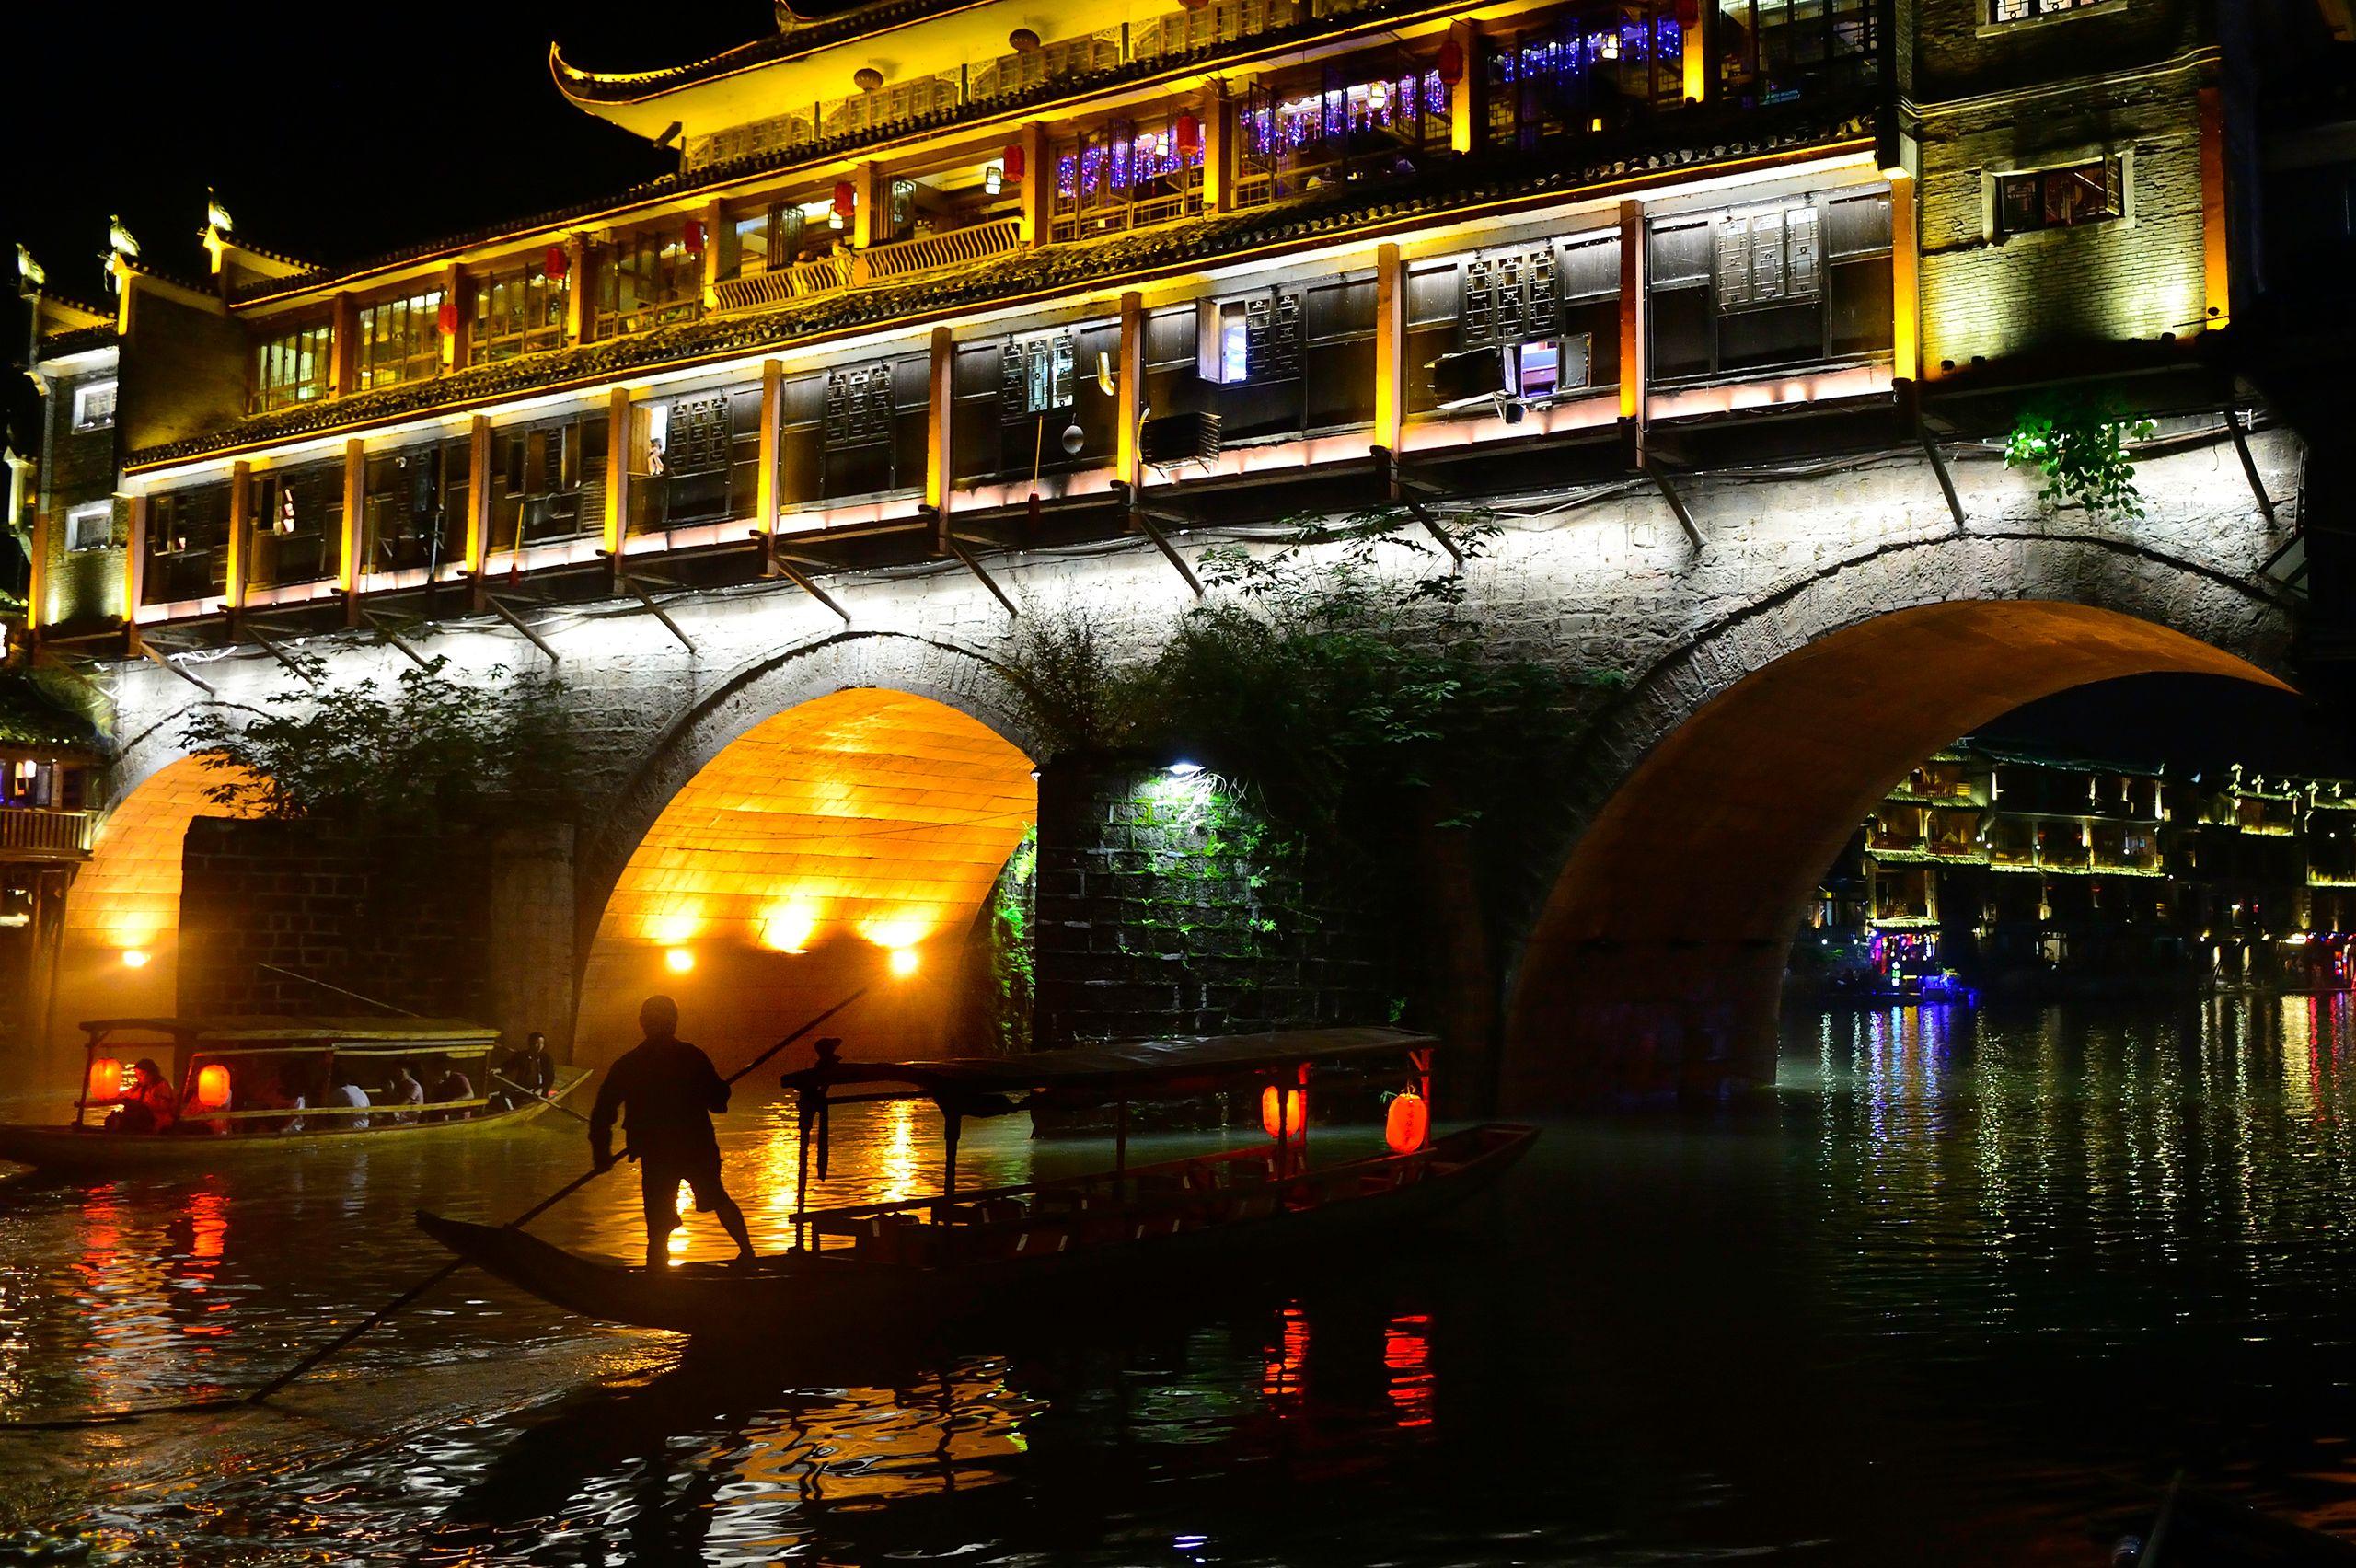 Phoenix Hong Bridge in Fenghuang